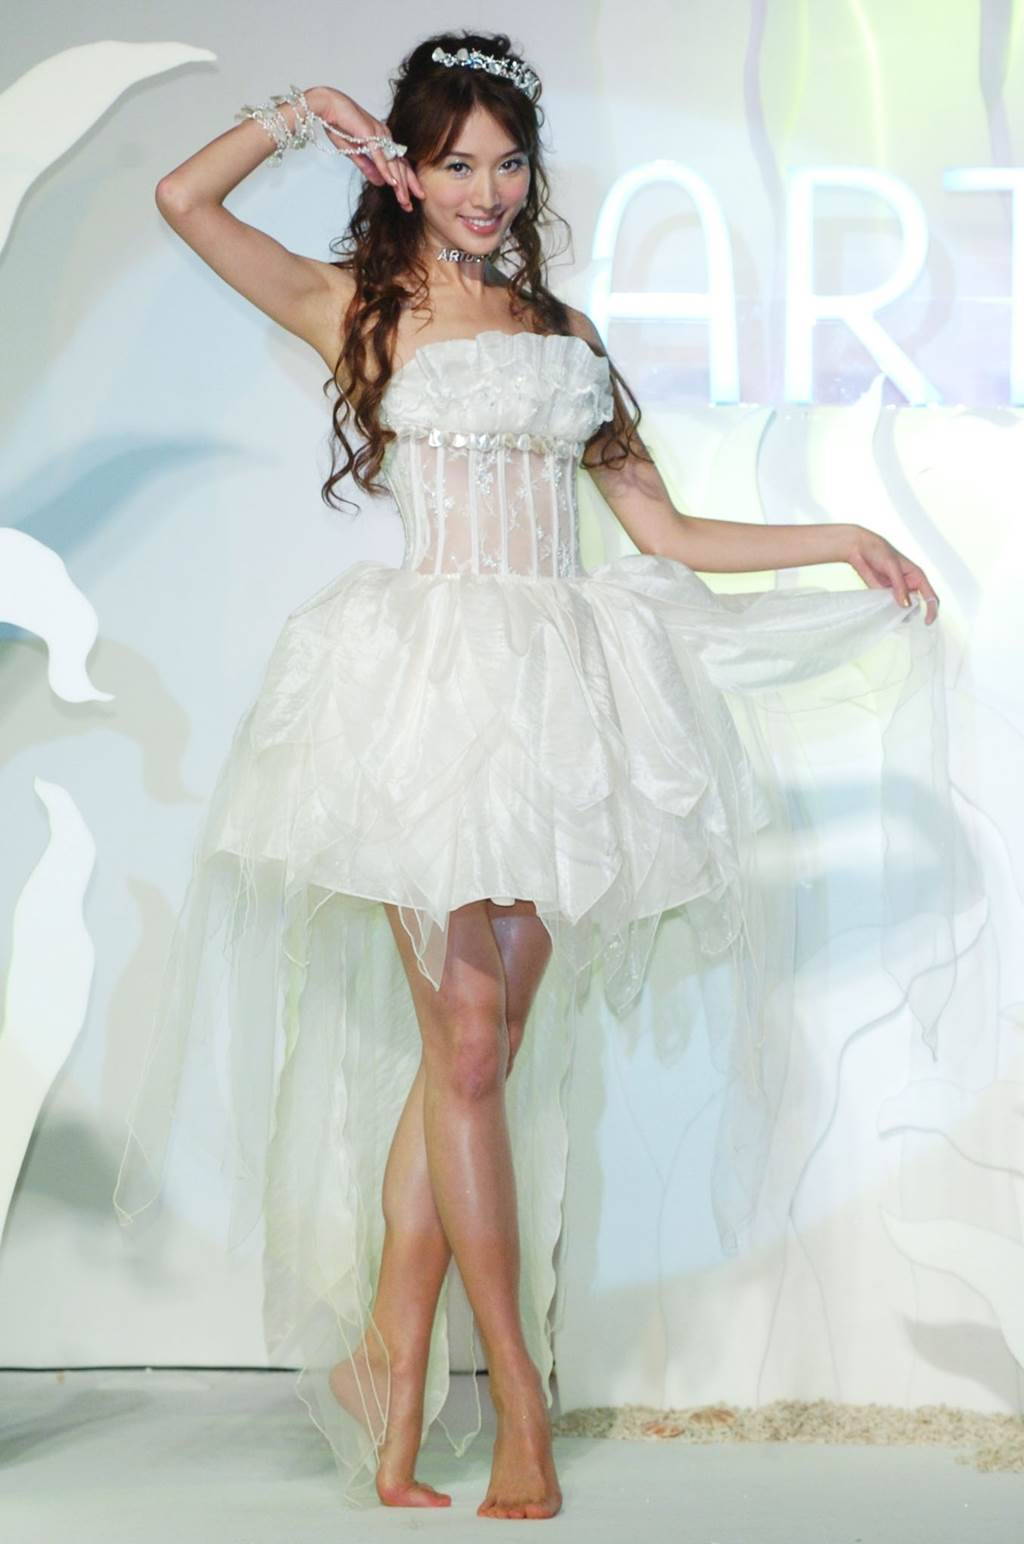 林志玲為代言彩妝再次穿白紗,裙襬前短後長設計秀出她招牌美腿。(圖/中時資料照片)